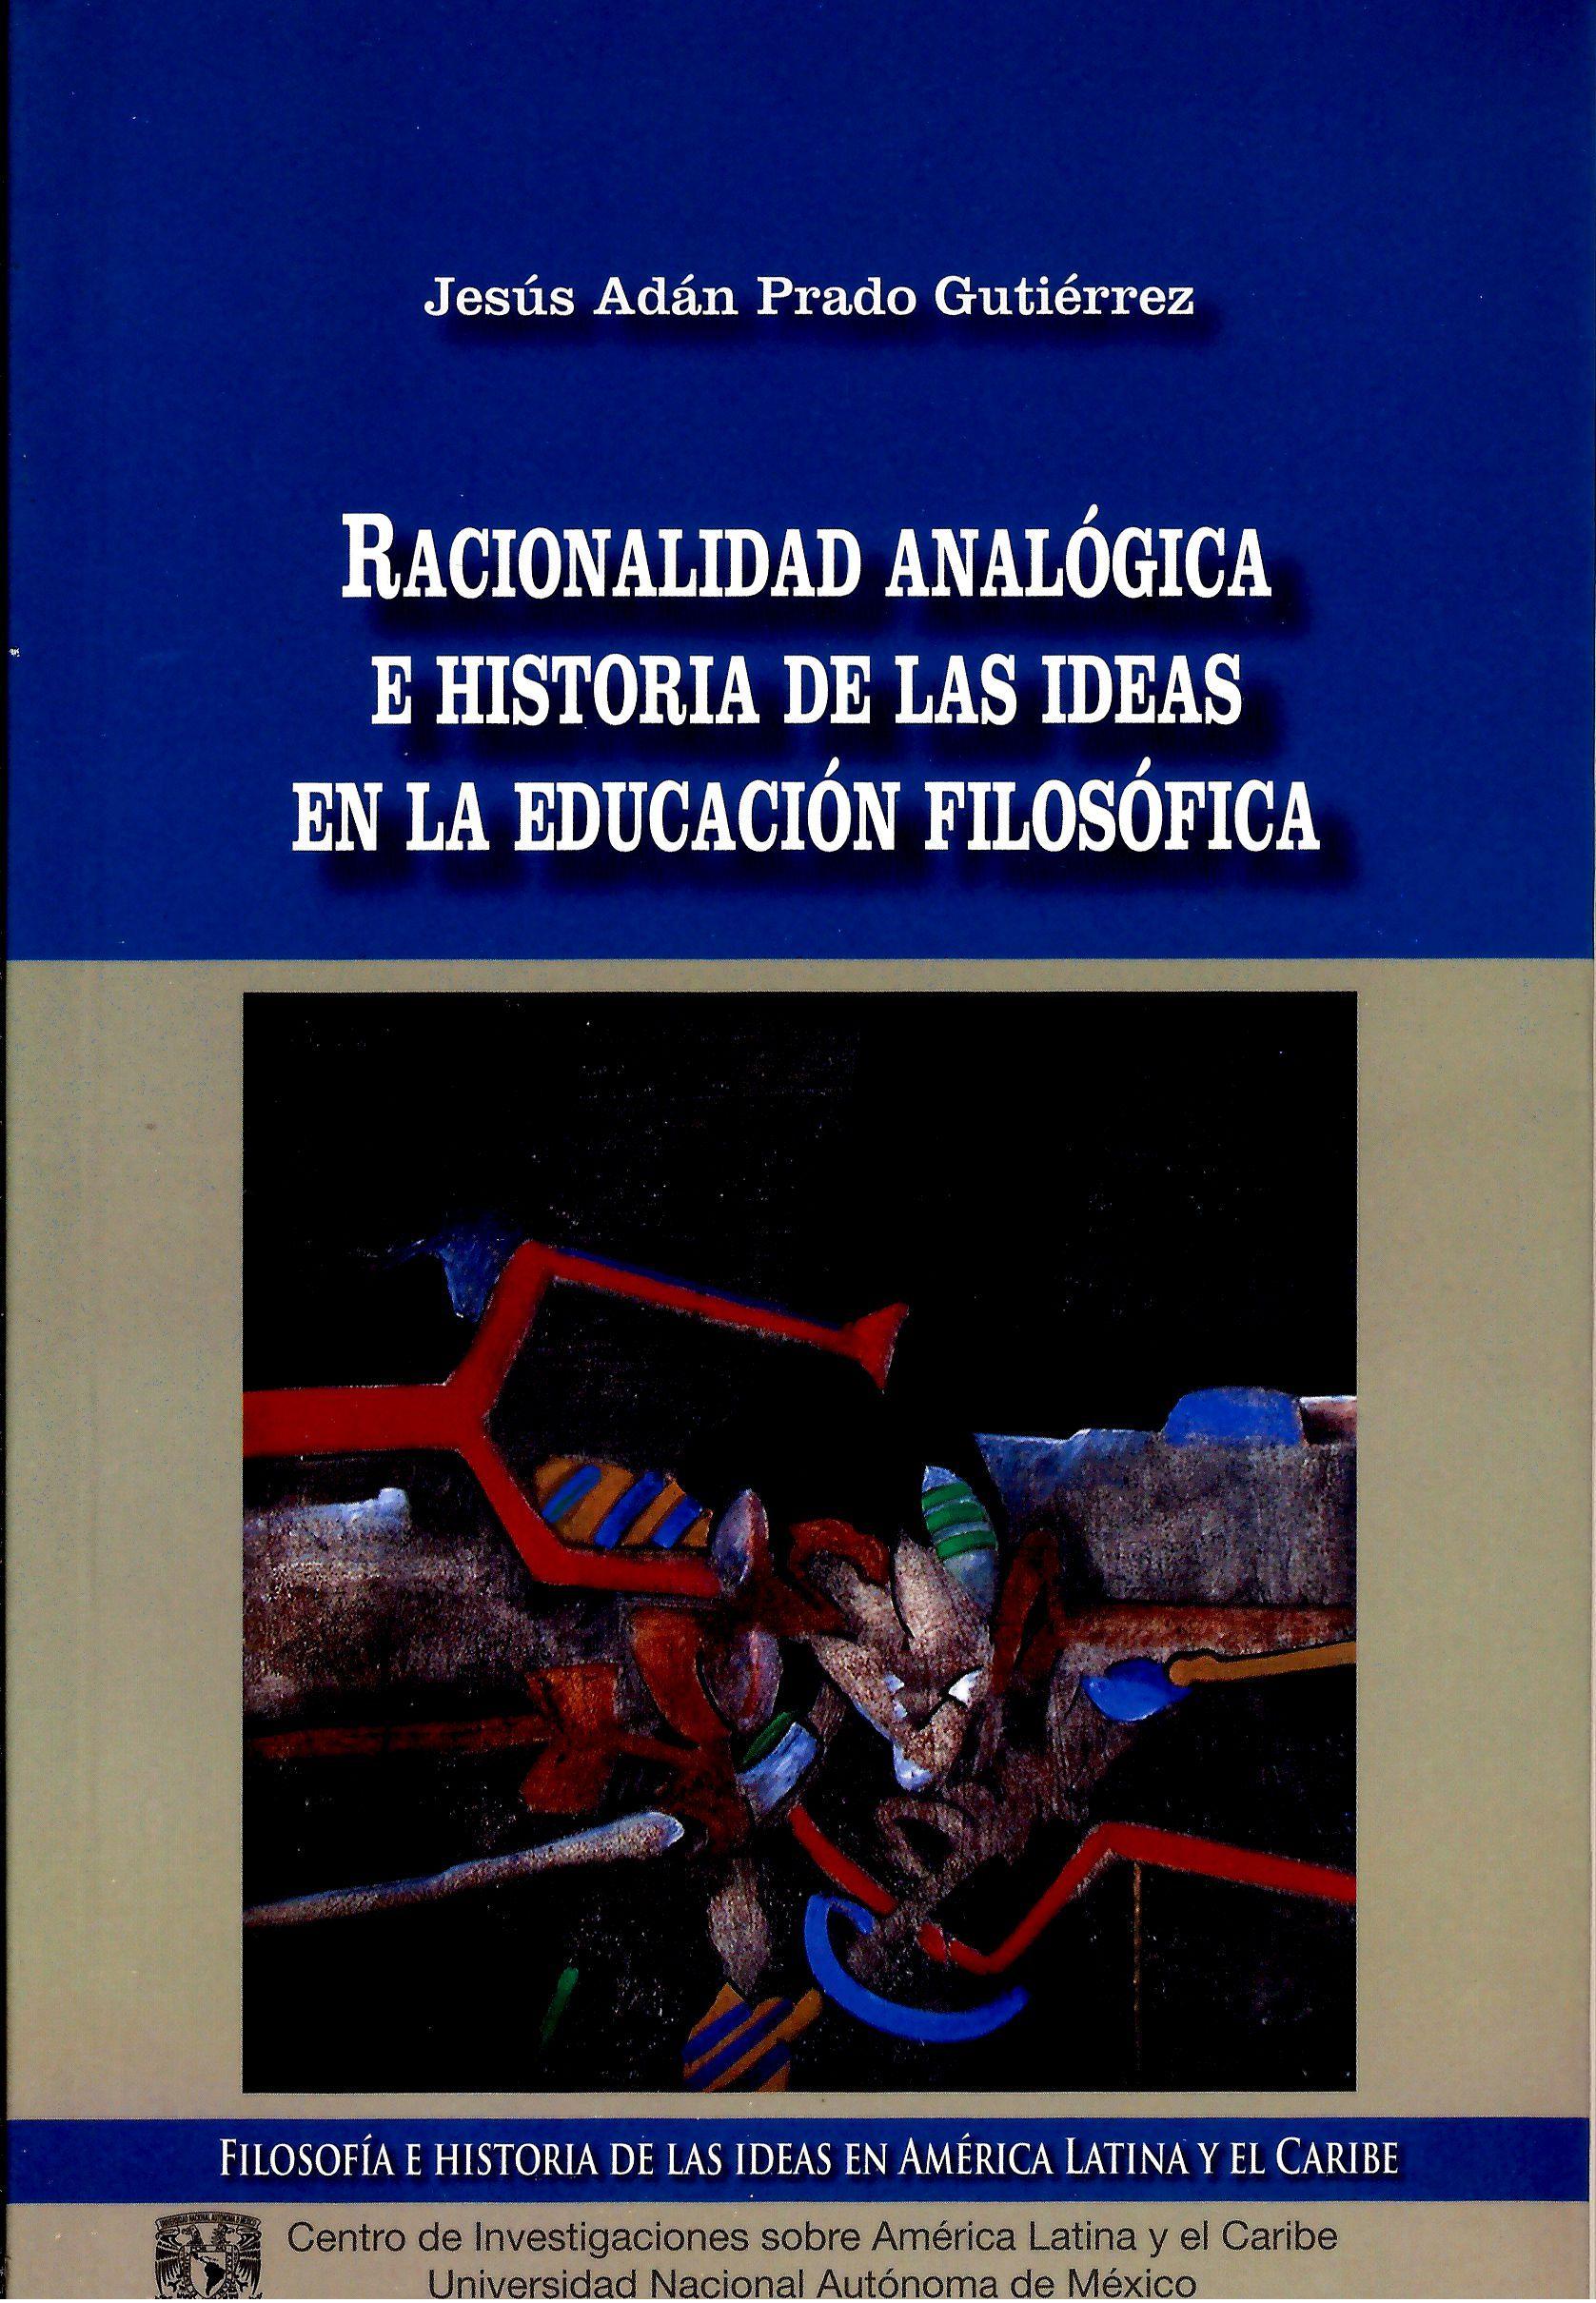 Racionalidad analógica e historia de las ideas en la educación filosófica